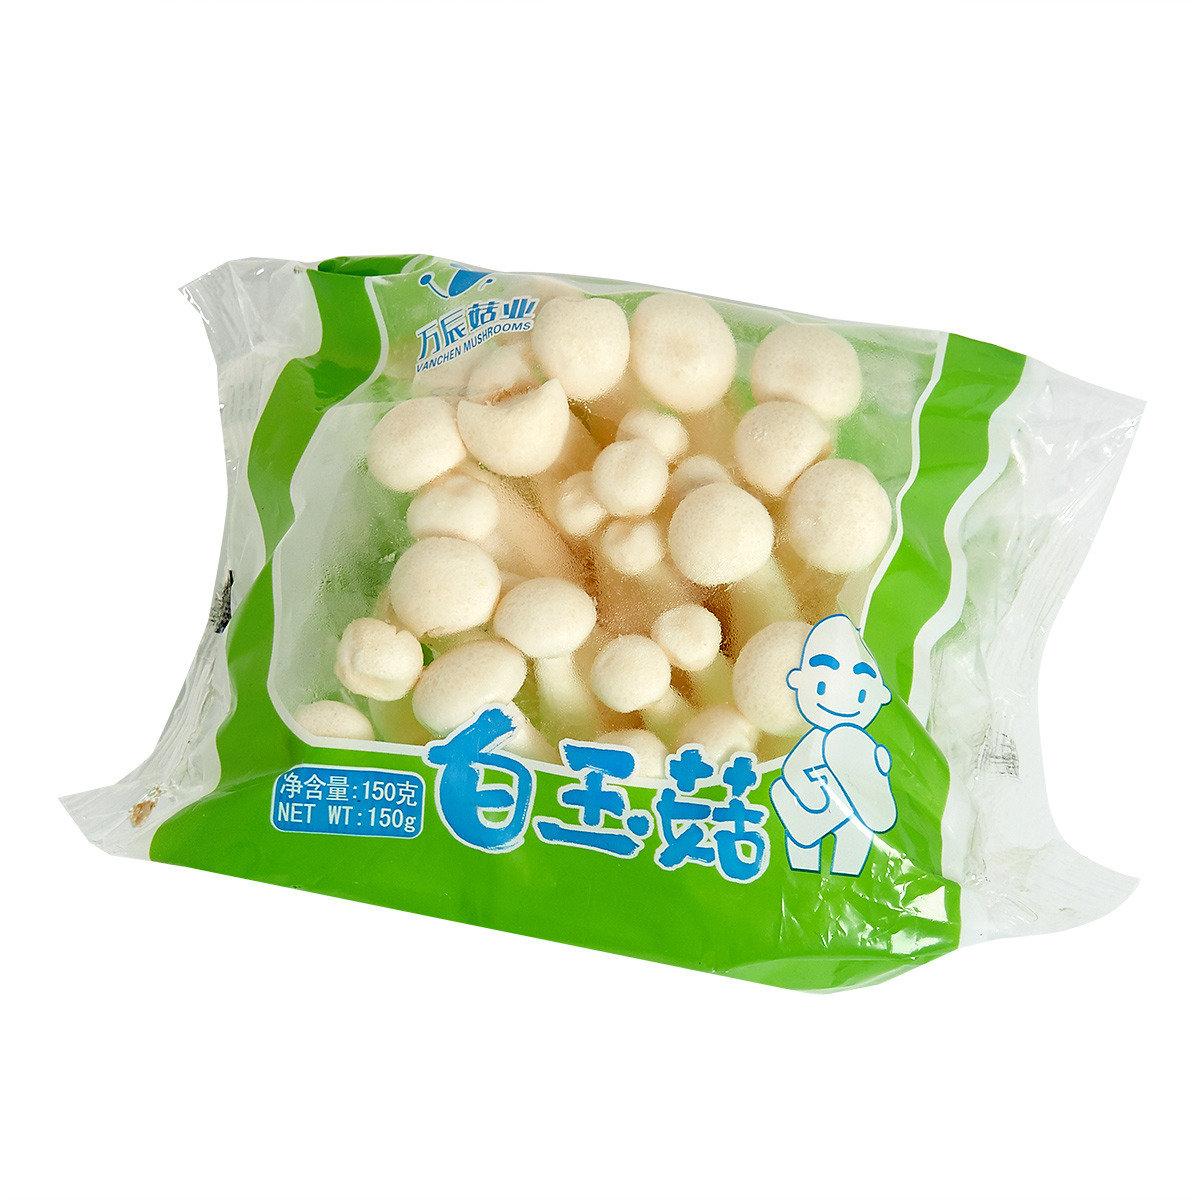 白玉菇 (約100-200克)